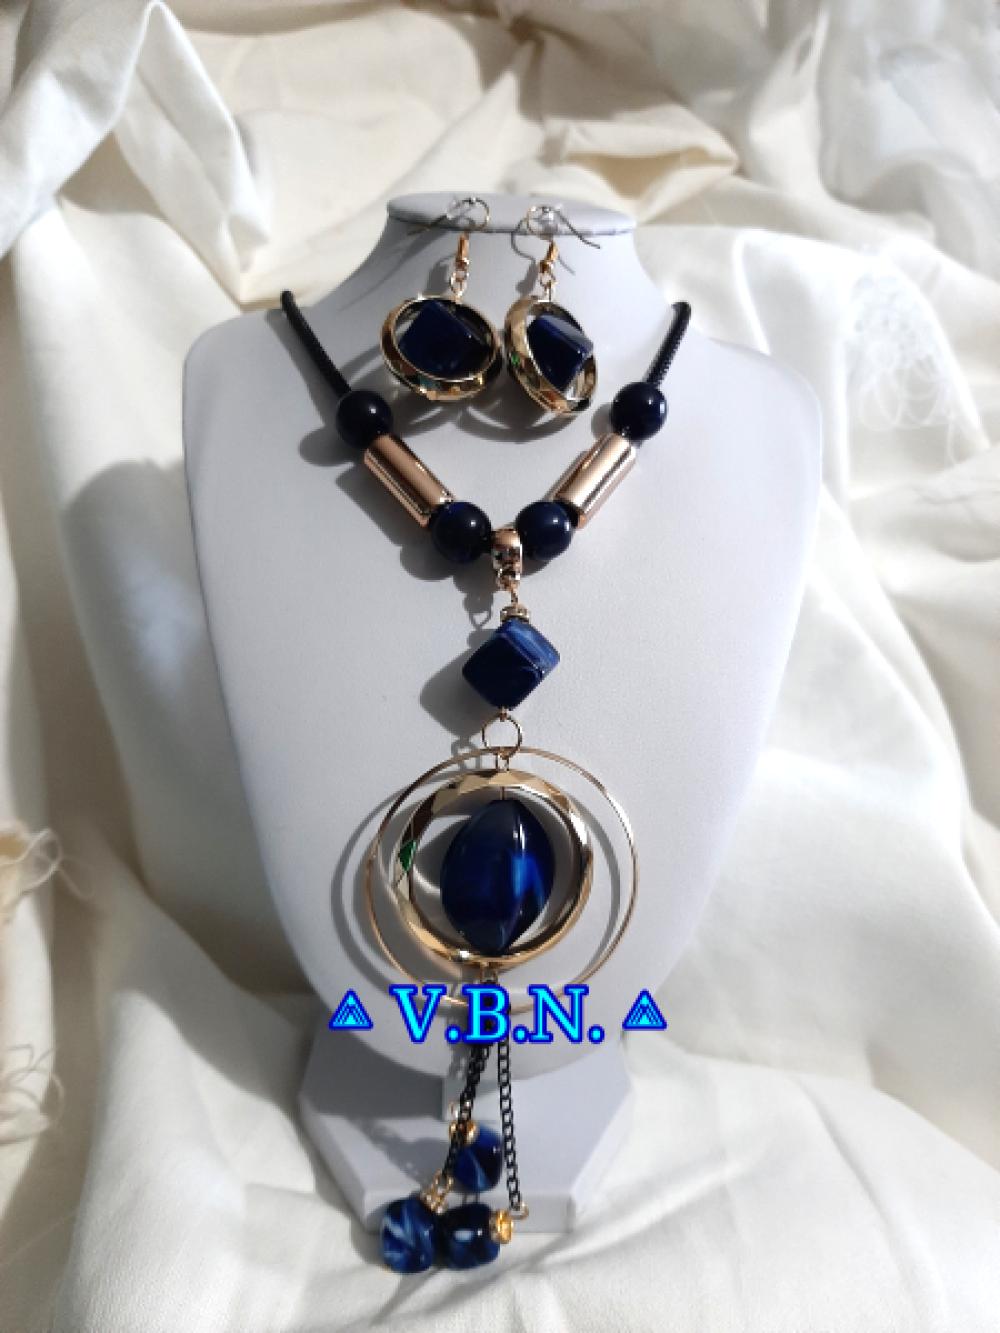 Parure grosses perles acrylique couleur bleu